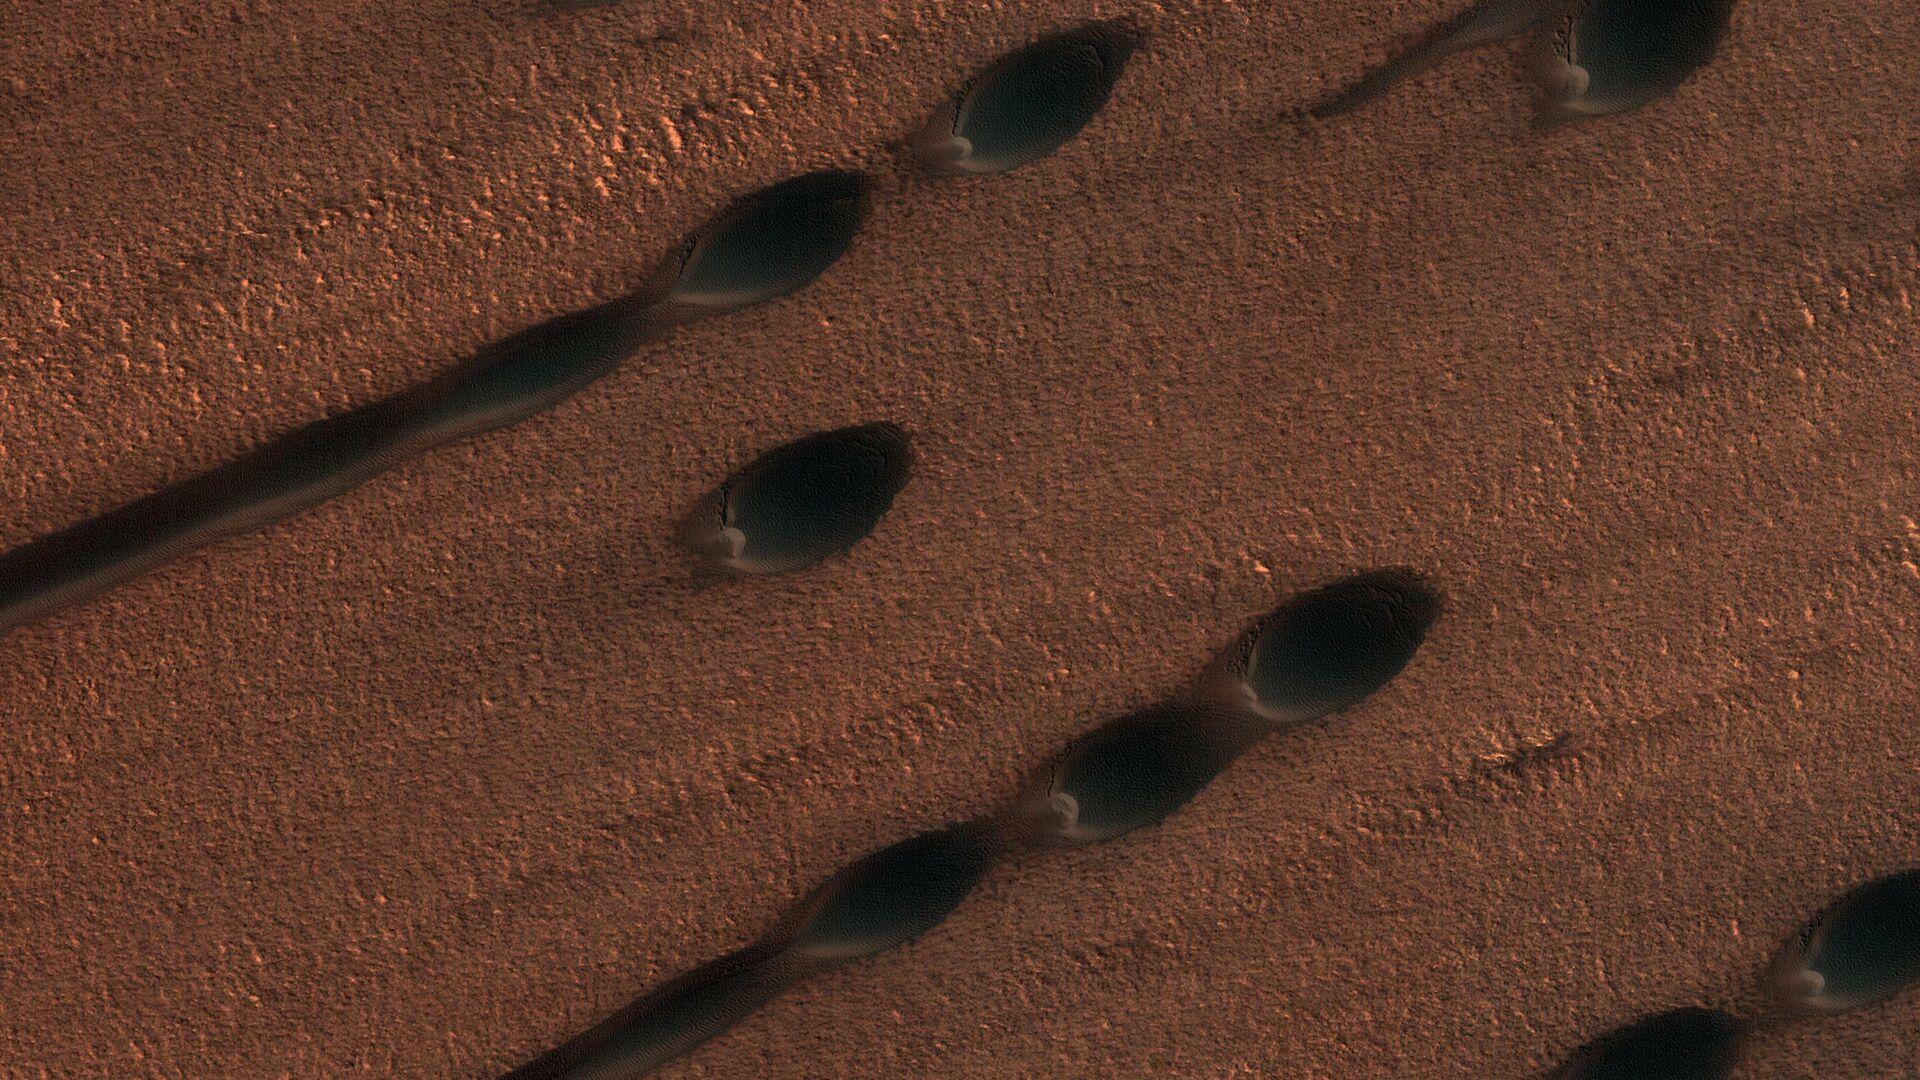 Песчаные дюны на Марсе - РИА Новости, 1920, 30.09.2020